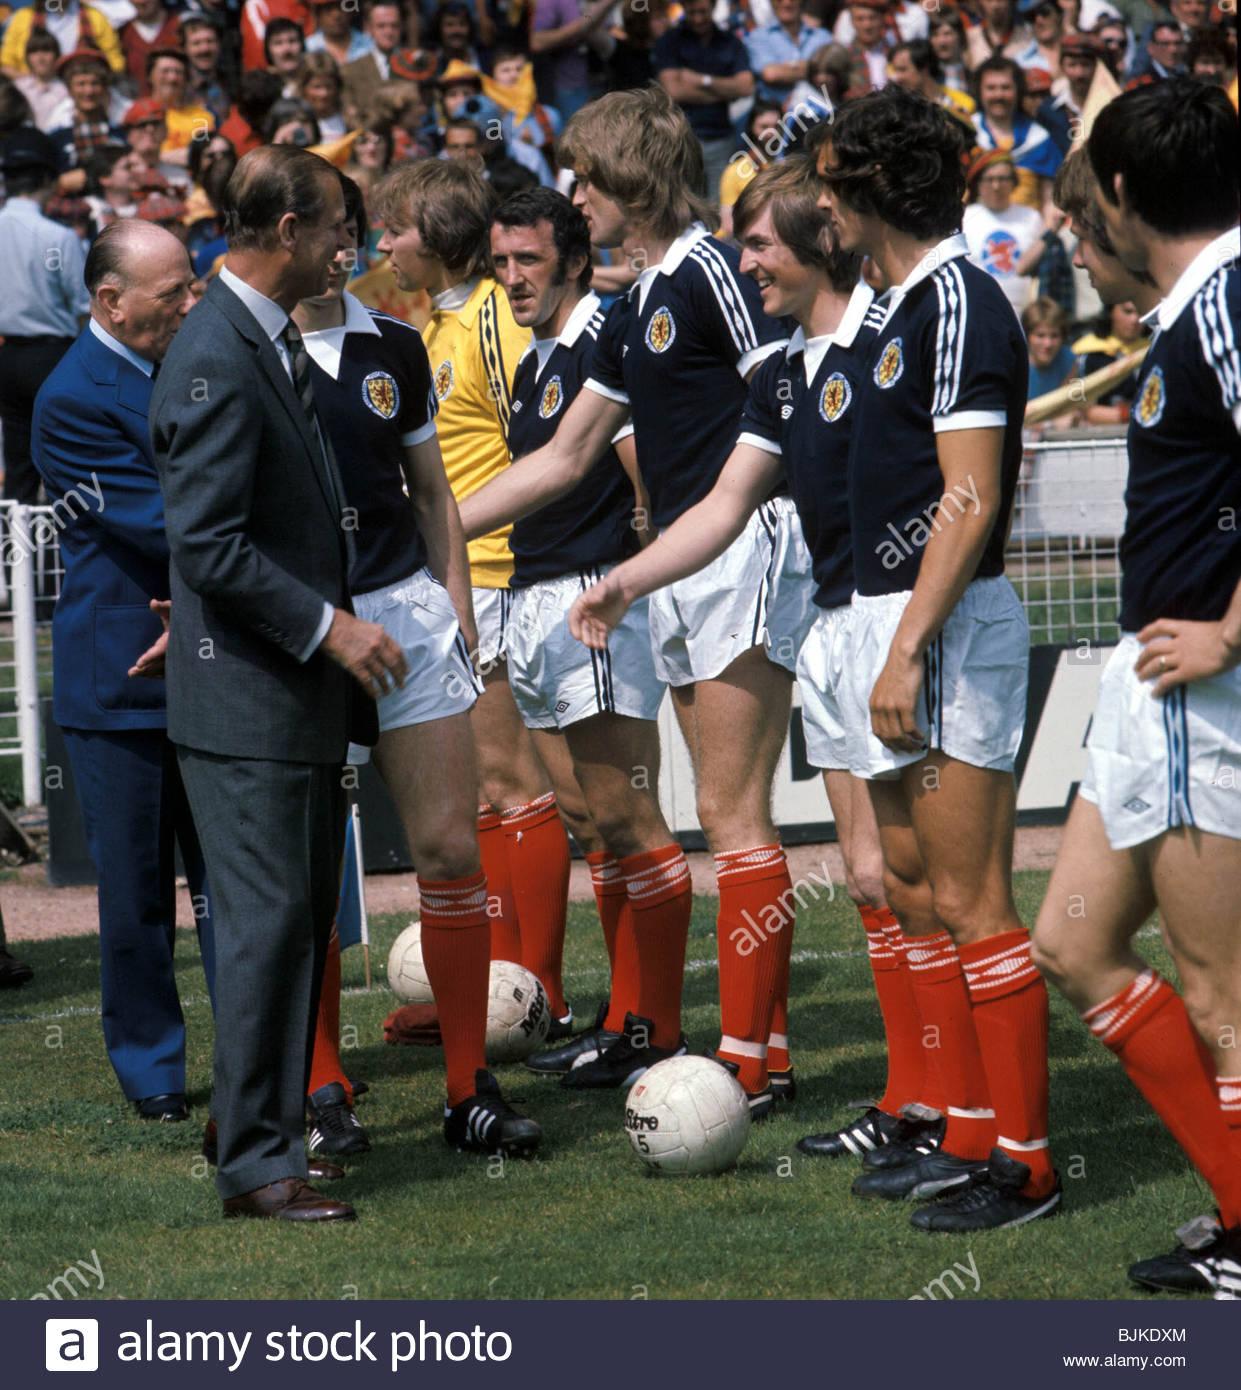 04/06/77 amistoso internacional Inglaterra contra Escocia (1-2) - Wembley de Londres, el Duque de Edimburgo, el Imagen De Stock